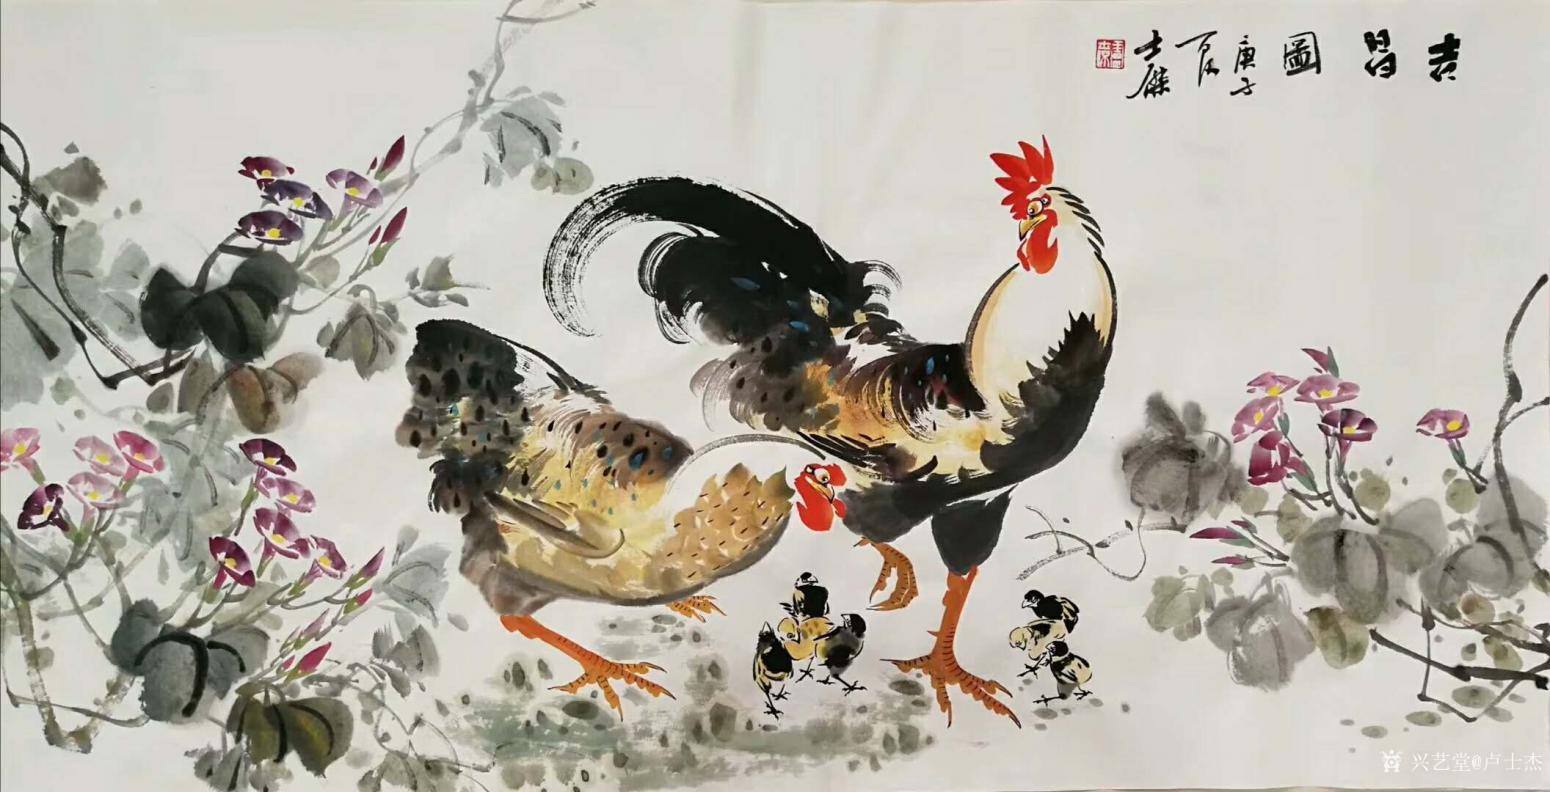 卢士杰国画作品《鸡-吉昌图幸福一家》